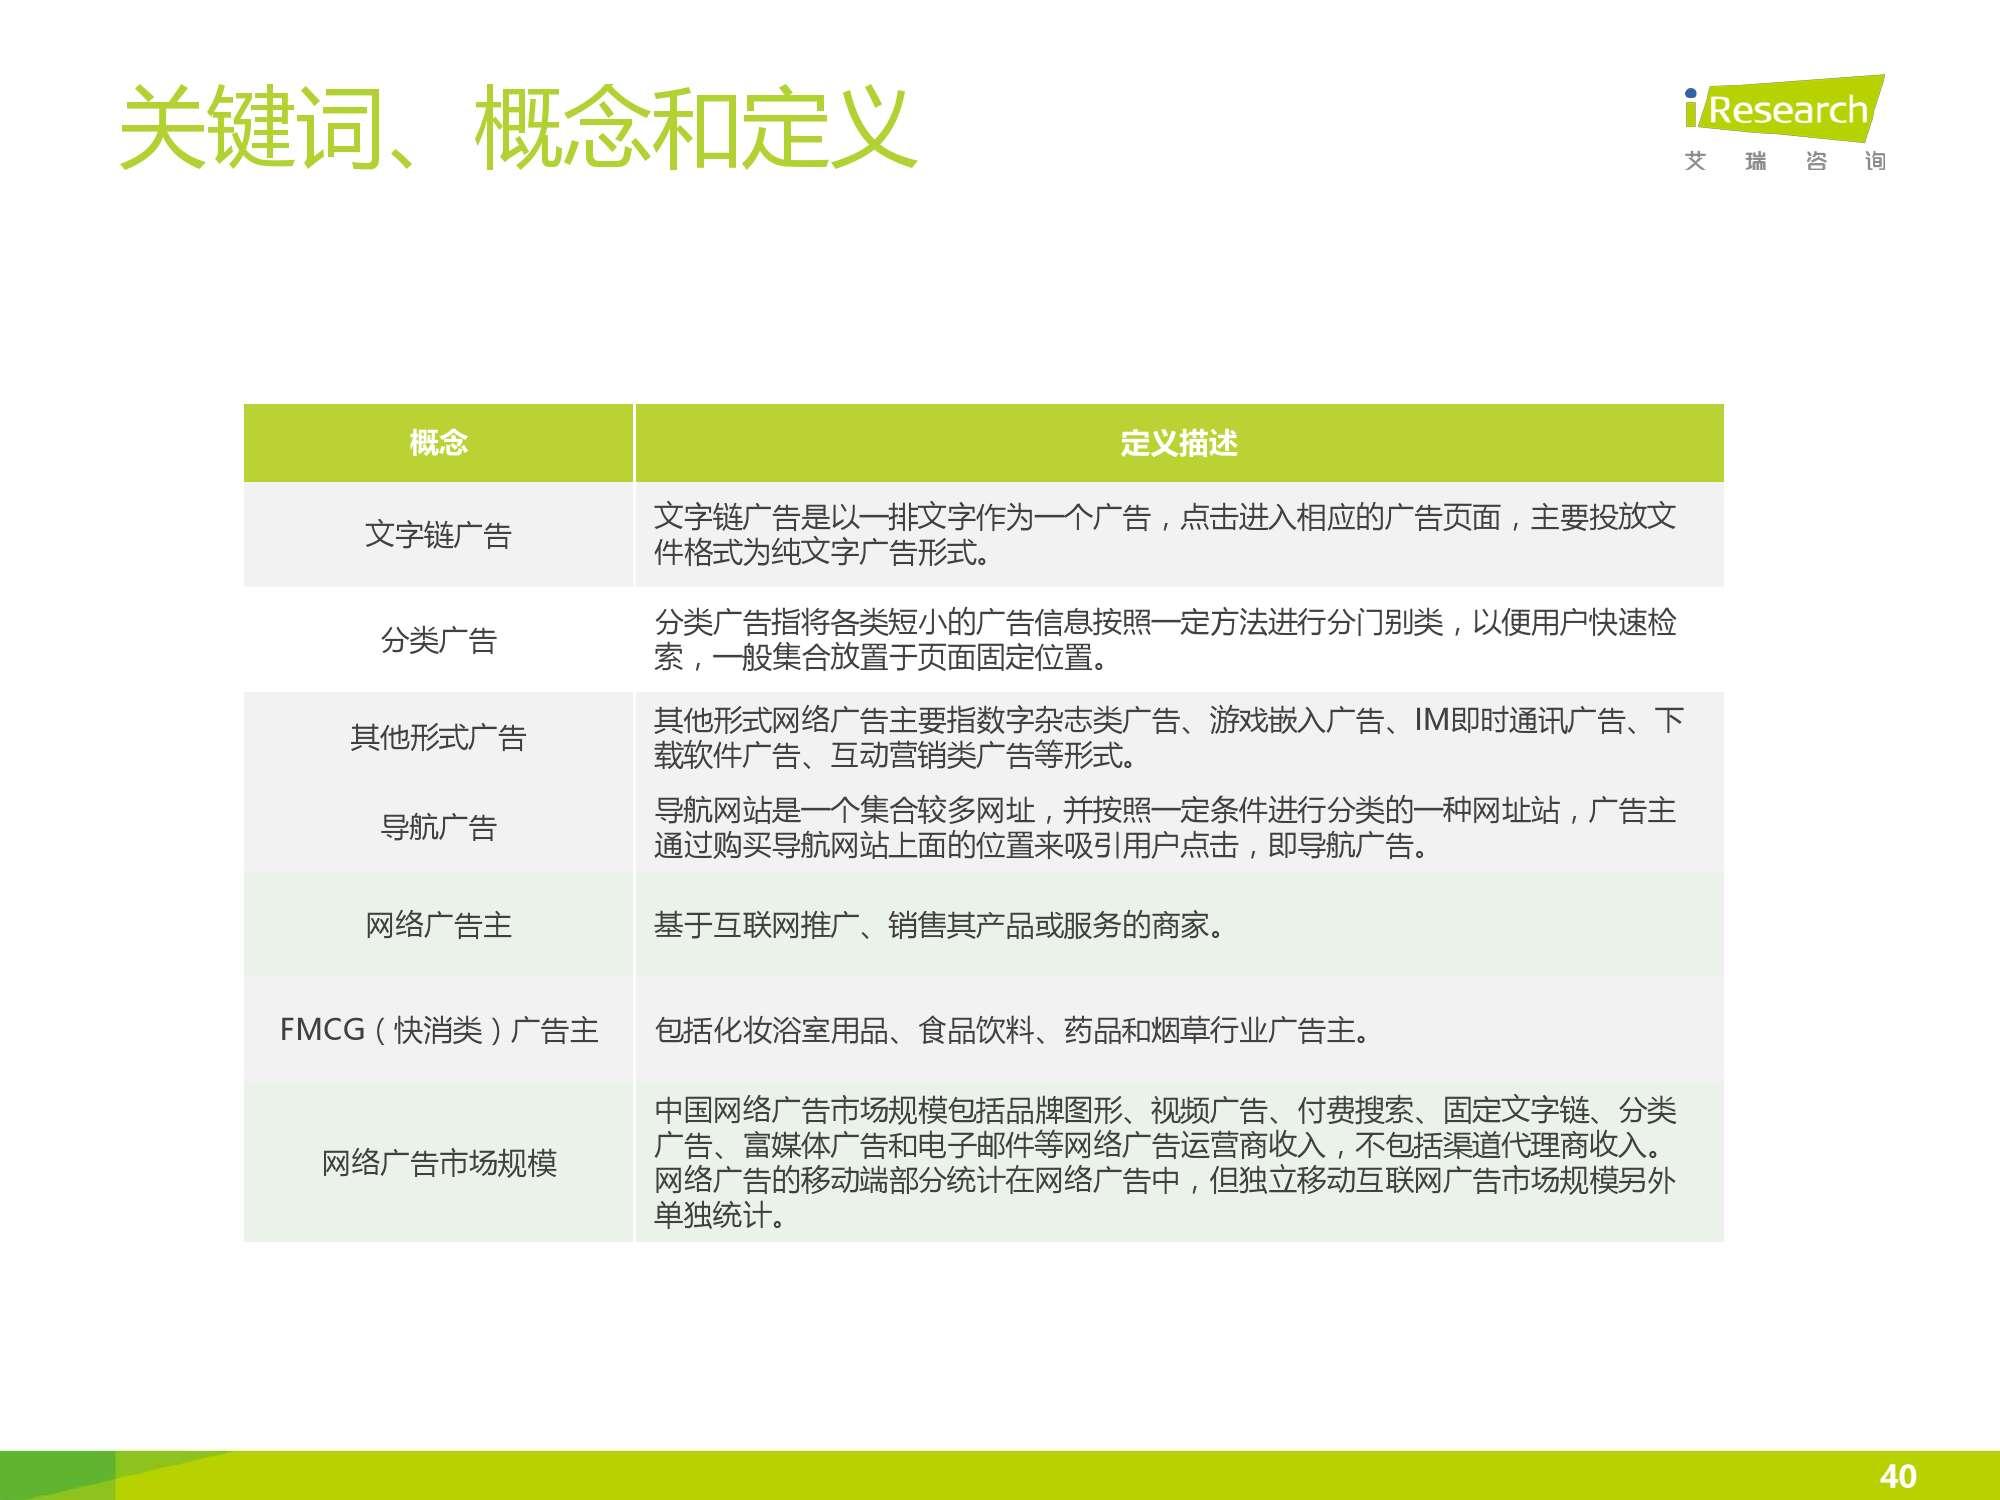 2016年中国网络广告行业年度监测报告简版_000040